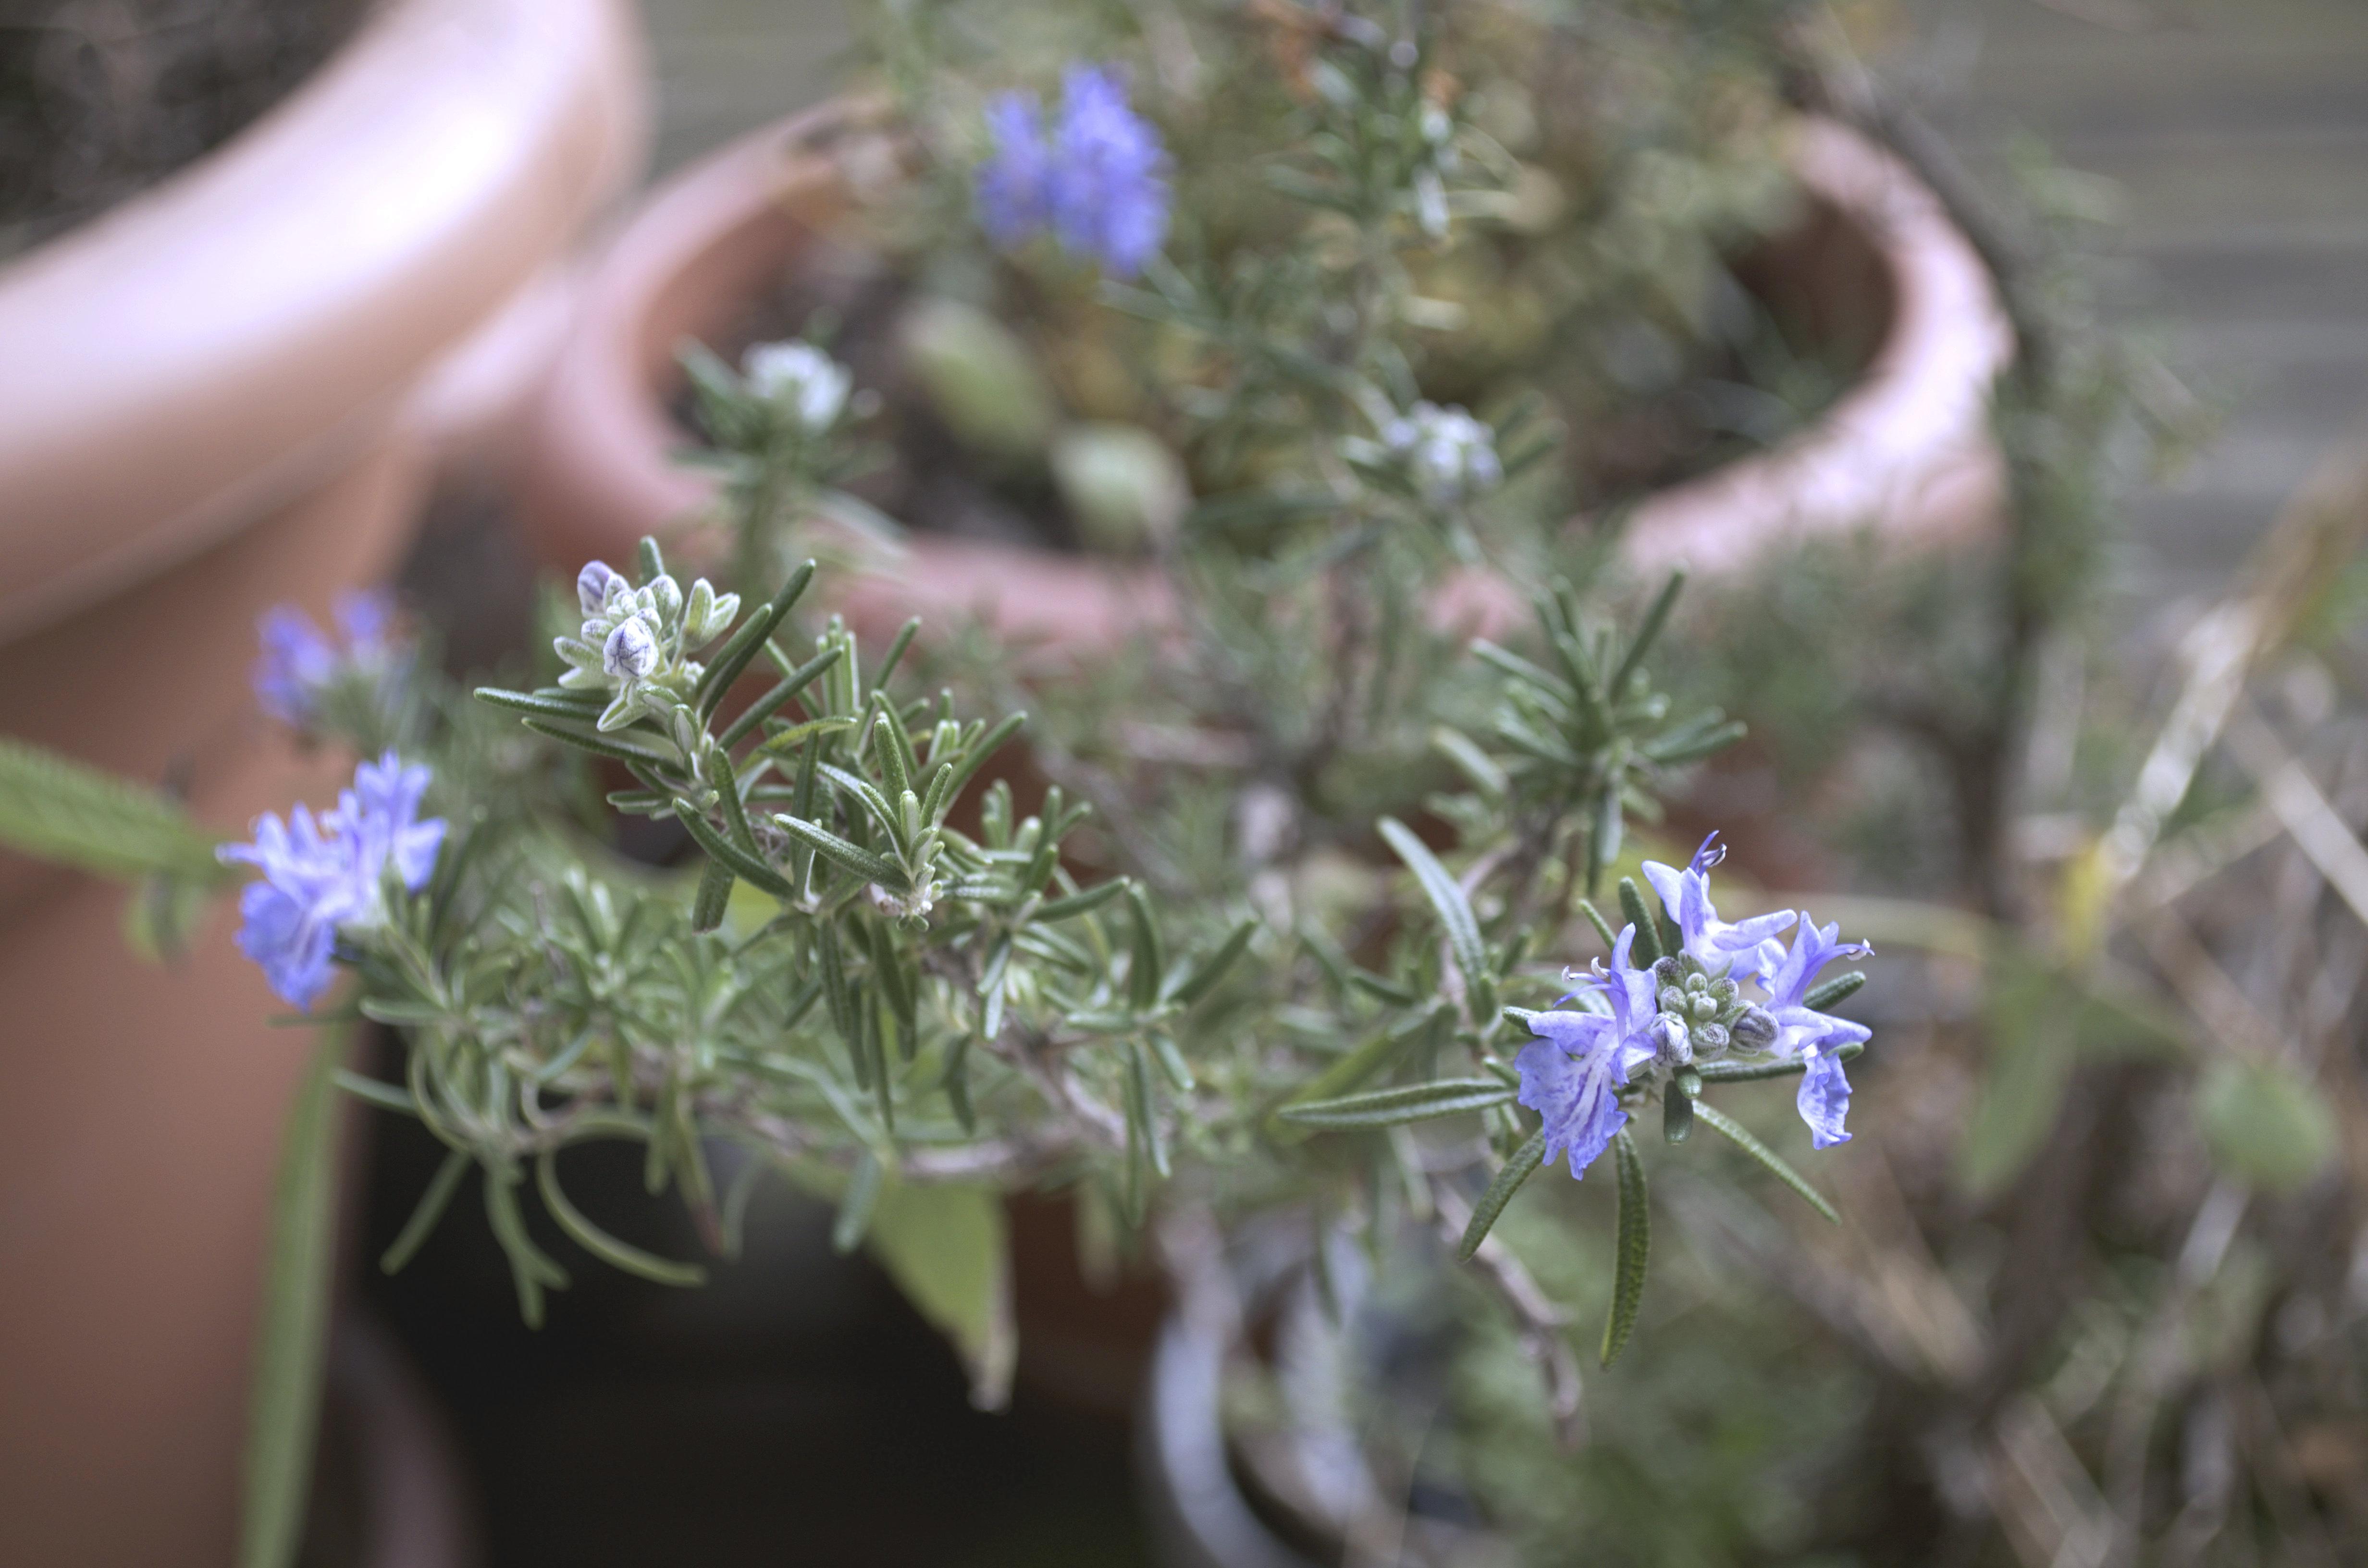 Der Garten Im Februar der yok garten im februar ye olde kitchen food und gartenblog